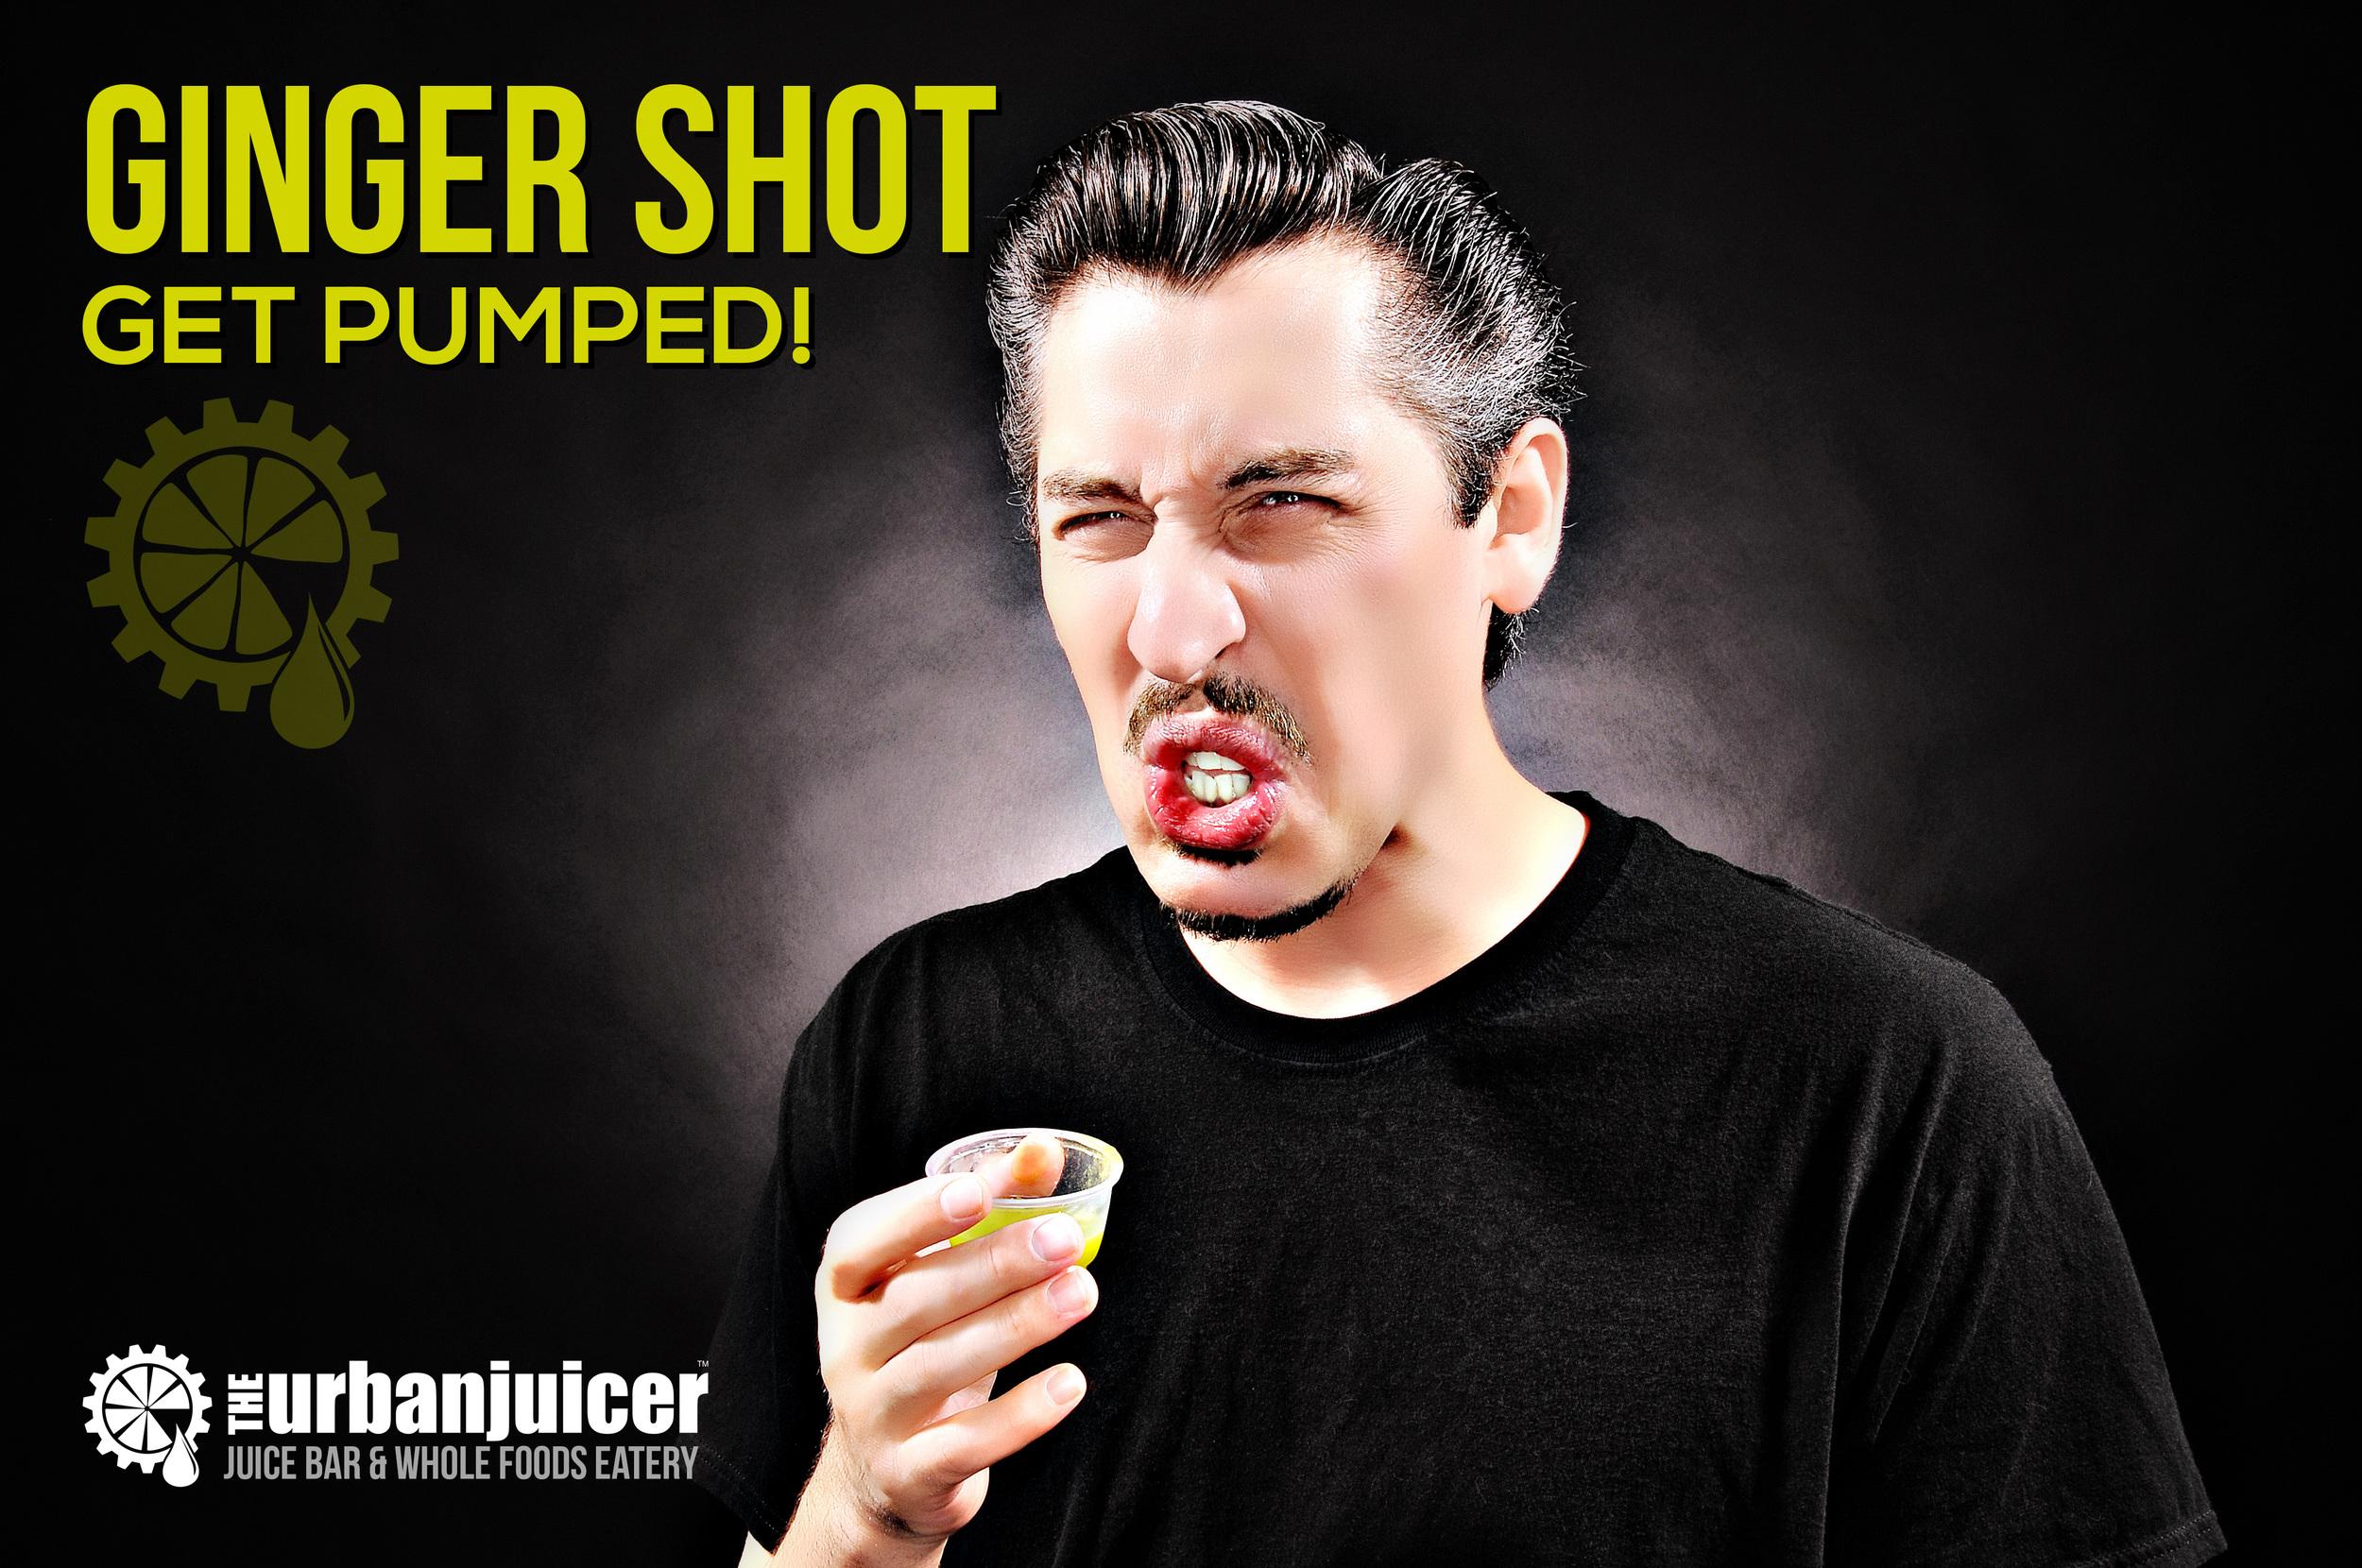 Dustin-Ginger-Shot-Black-BG-Bonus-01.jpg